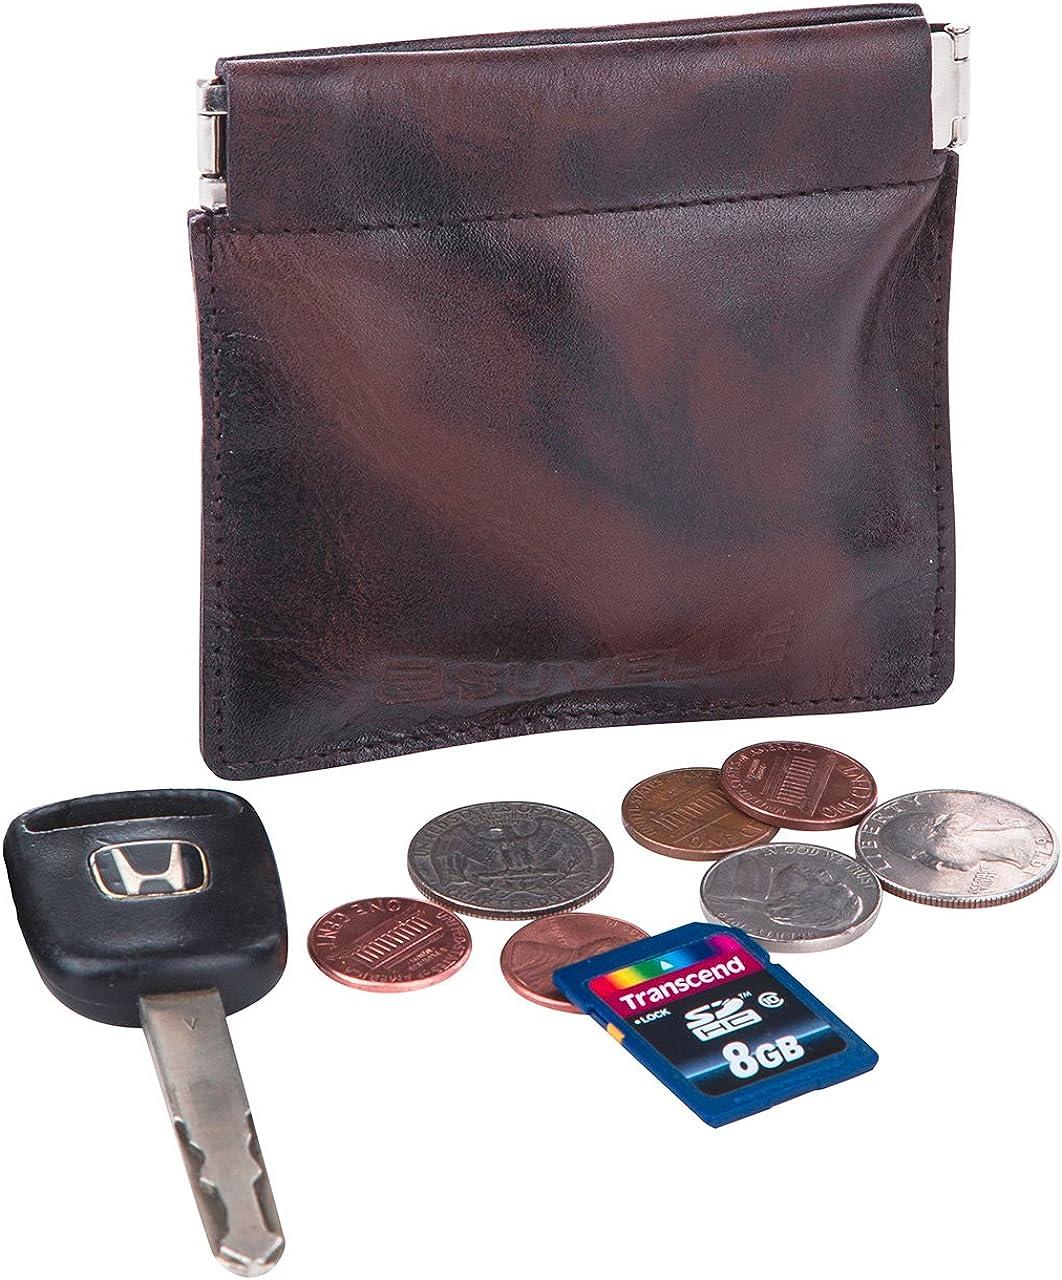 Suvelle de hombre piel auténtica fácil Squeeze moneda cambio Monedero titular de la clave dinero organizador cartera elegante regalo para hombres WS616